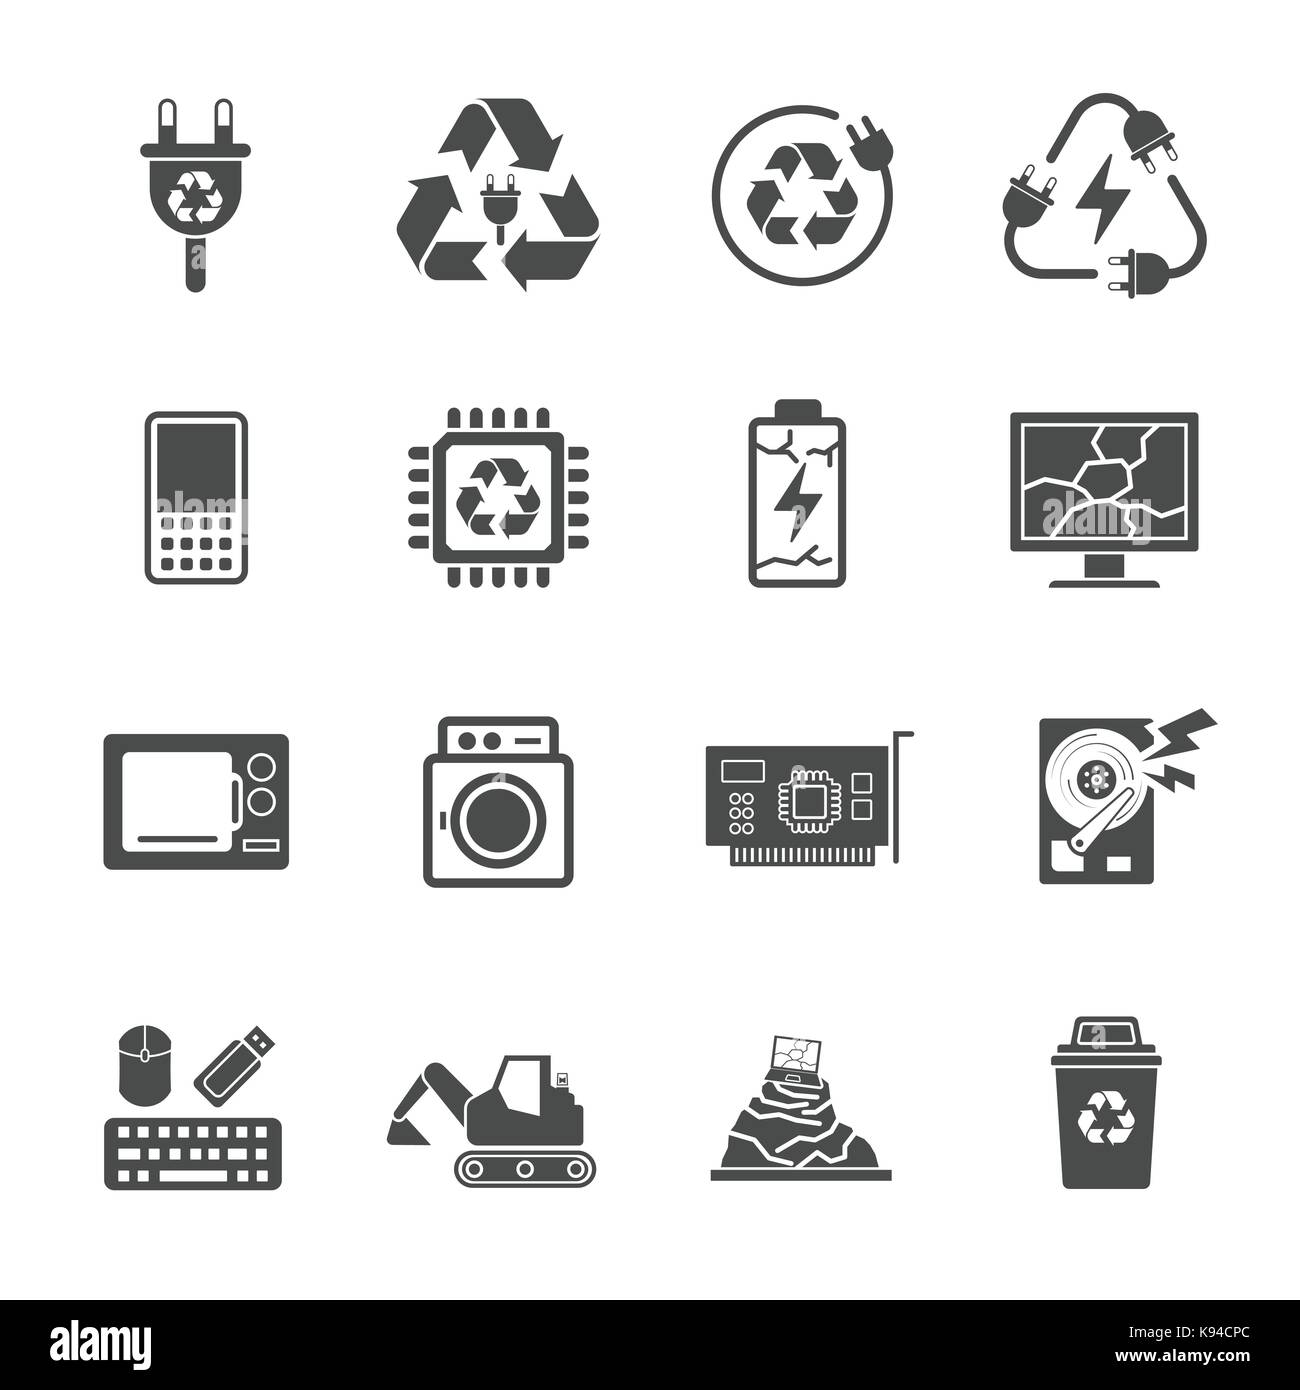 Il riciclaggio di rifiuti elettronici Rifiuti, contiene le icone come rifiuti elettronici, monitor, telefono, batteria Immagini Stock